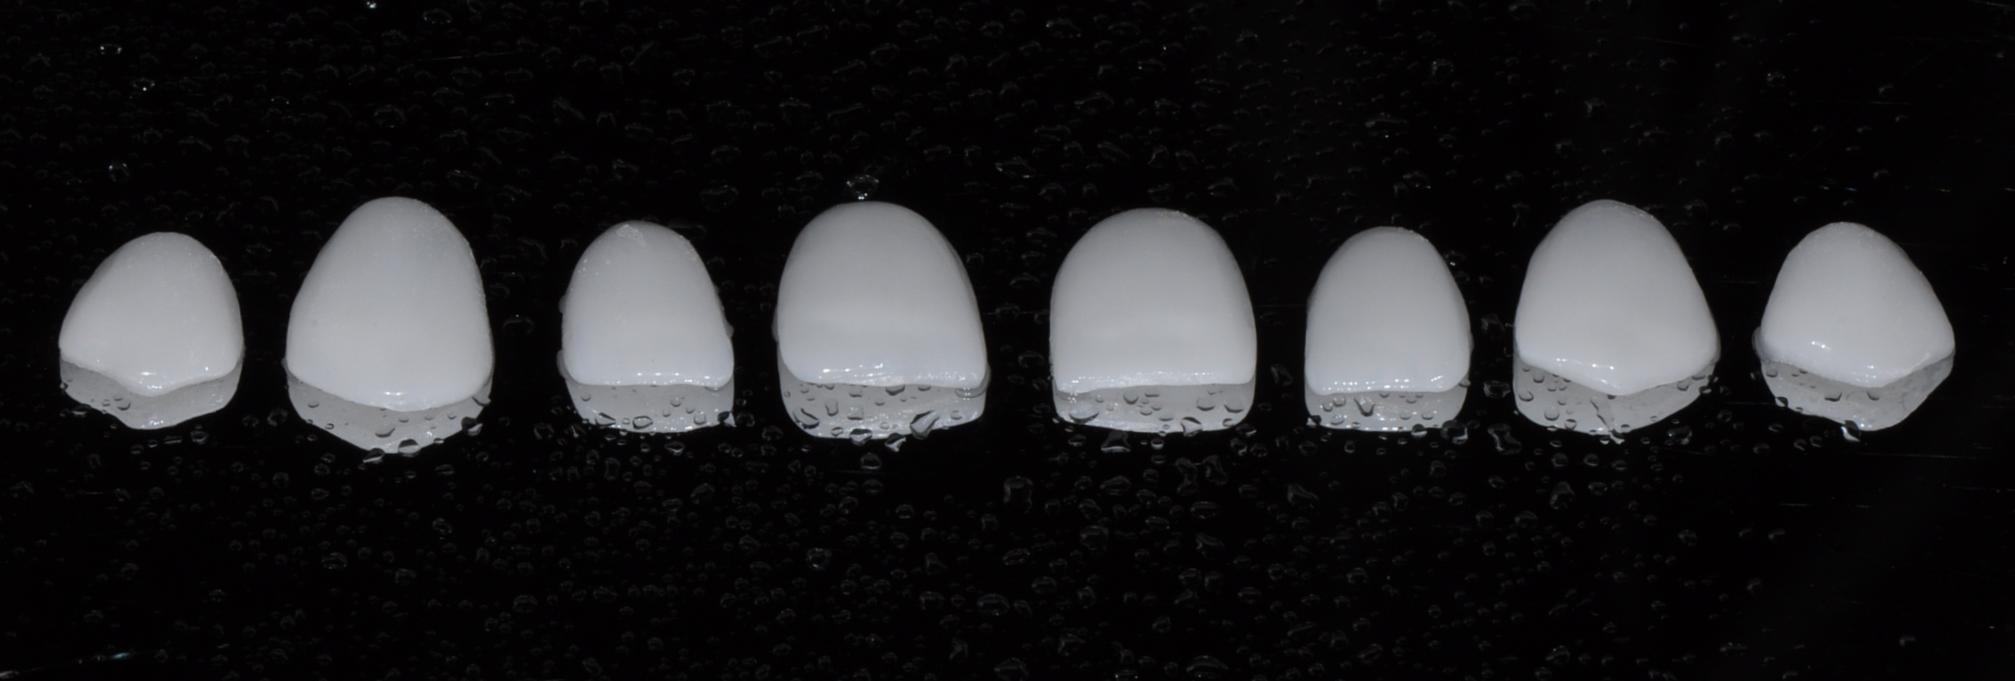 carillas-de-porcelana-2